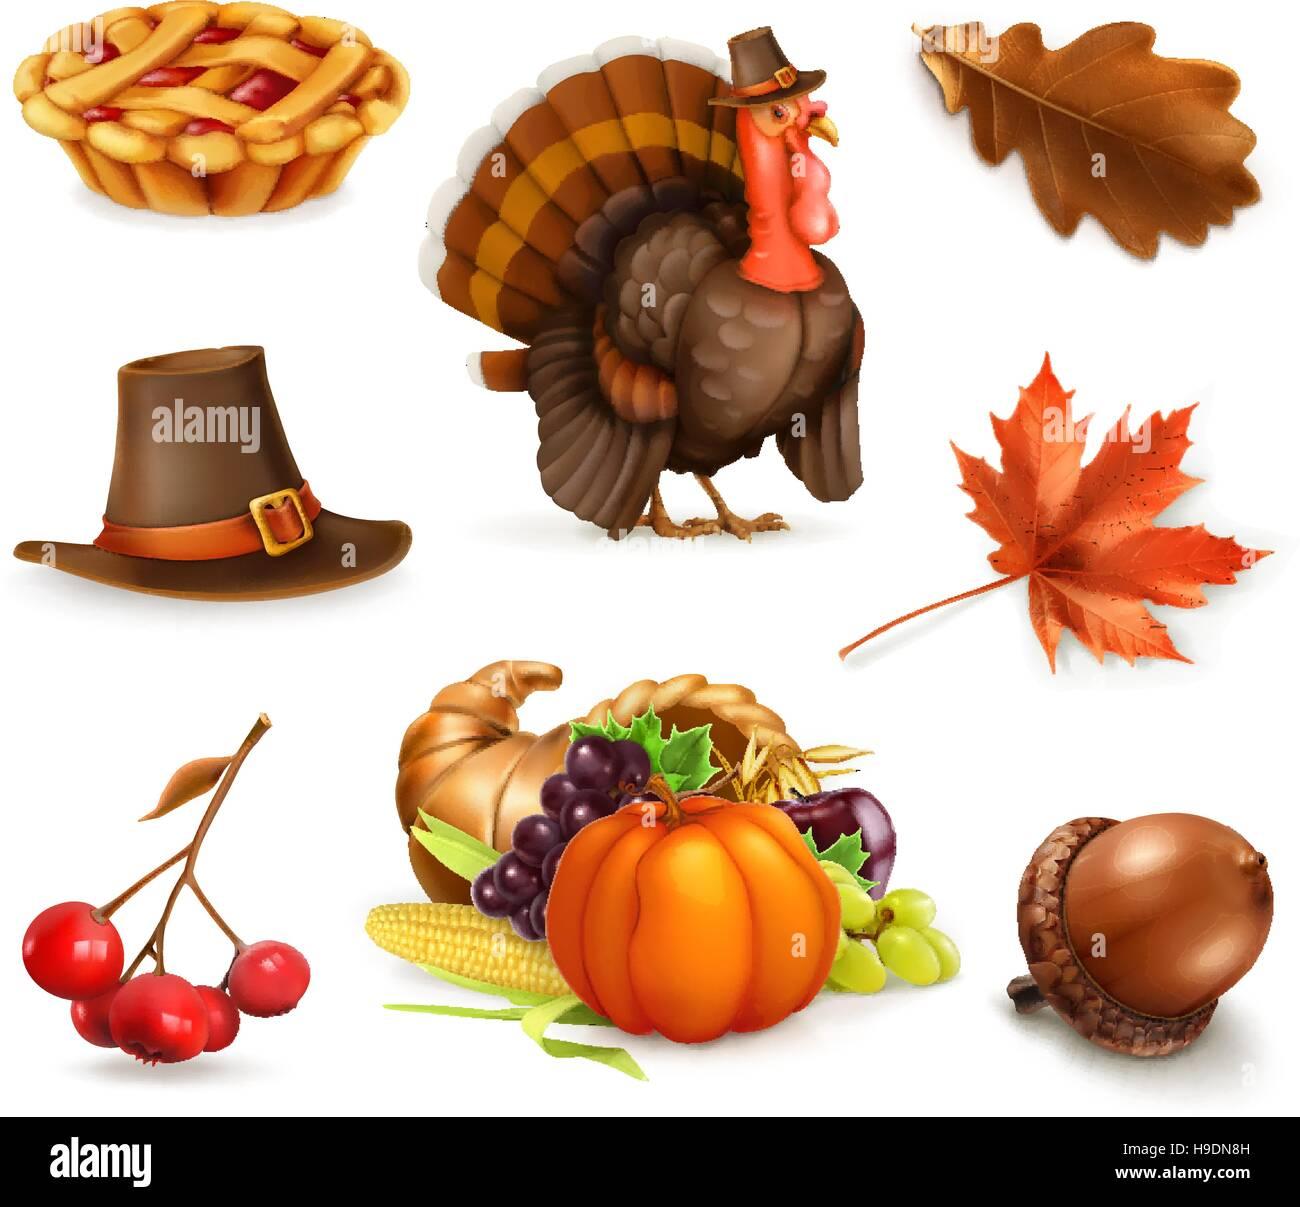 Ausgezeichnet Thanksgiving Türkei Färbung Bilder Fotos - Entry Level ...